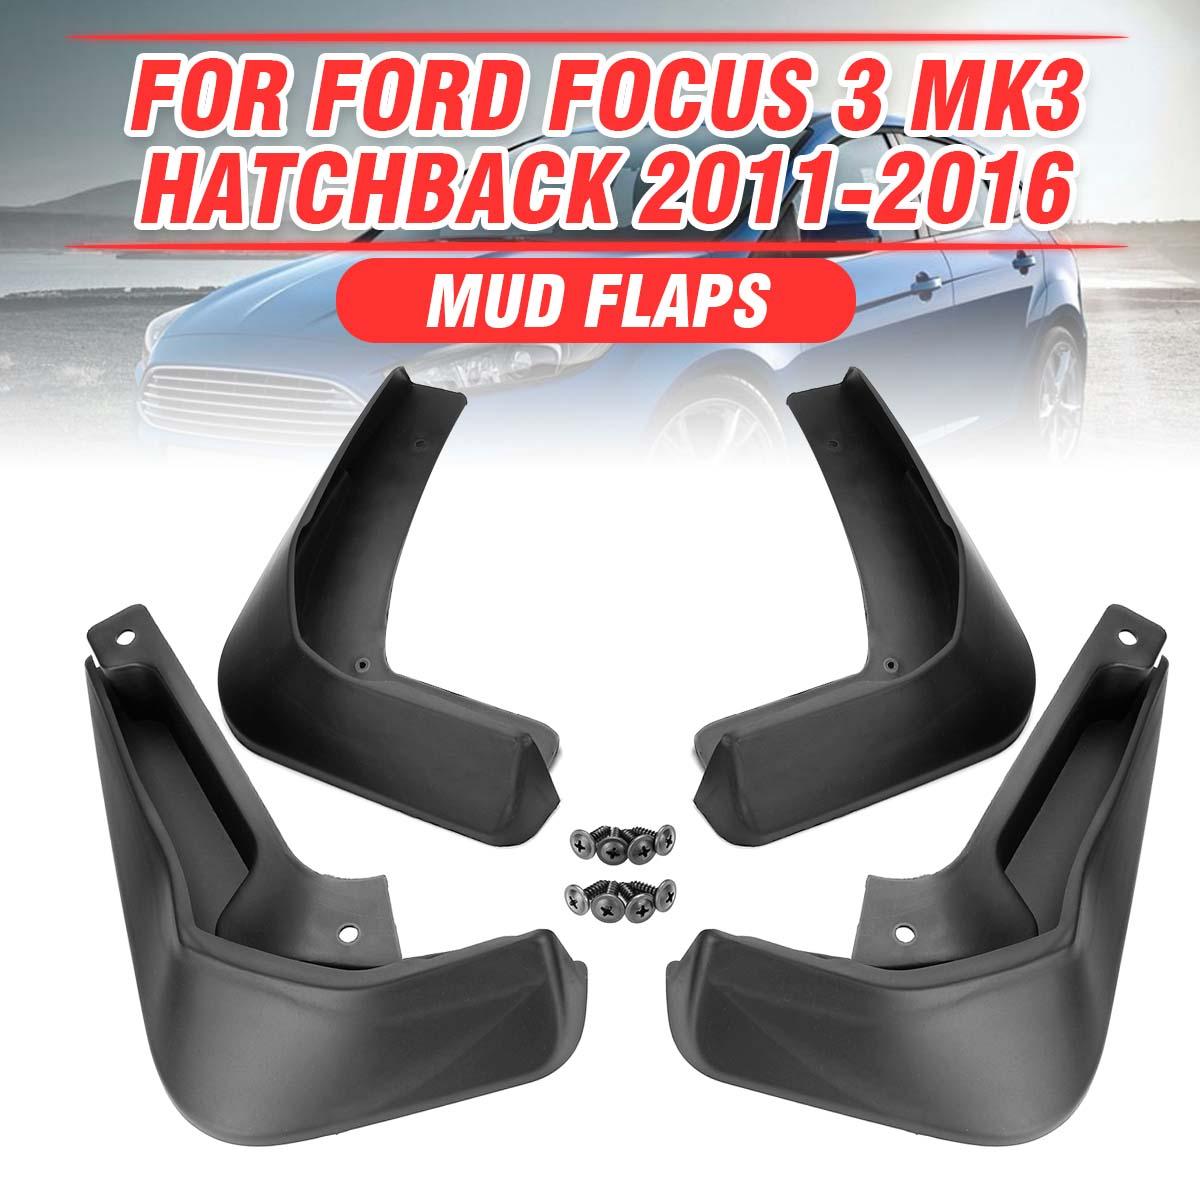 รถ Mudguards Mudflaps Splash Guards สำหรับ Fender อุปกรณ์เสริมสำหรับ Ford/Focus 3 MK3 Hatchback 2011-2018